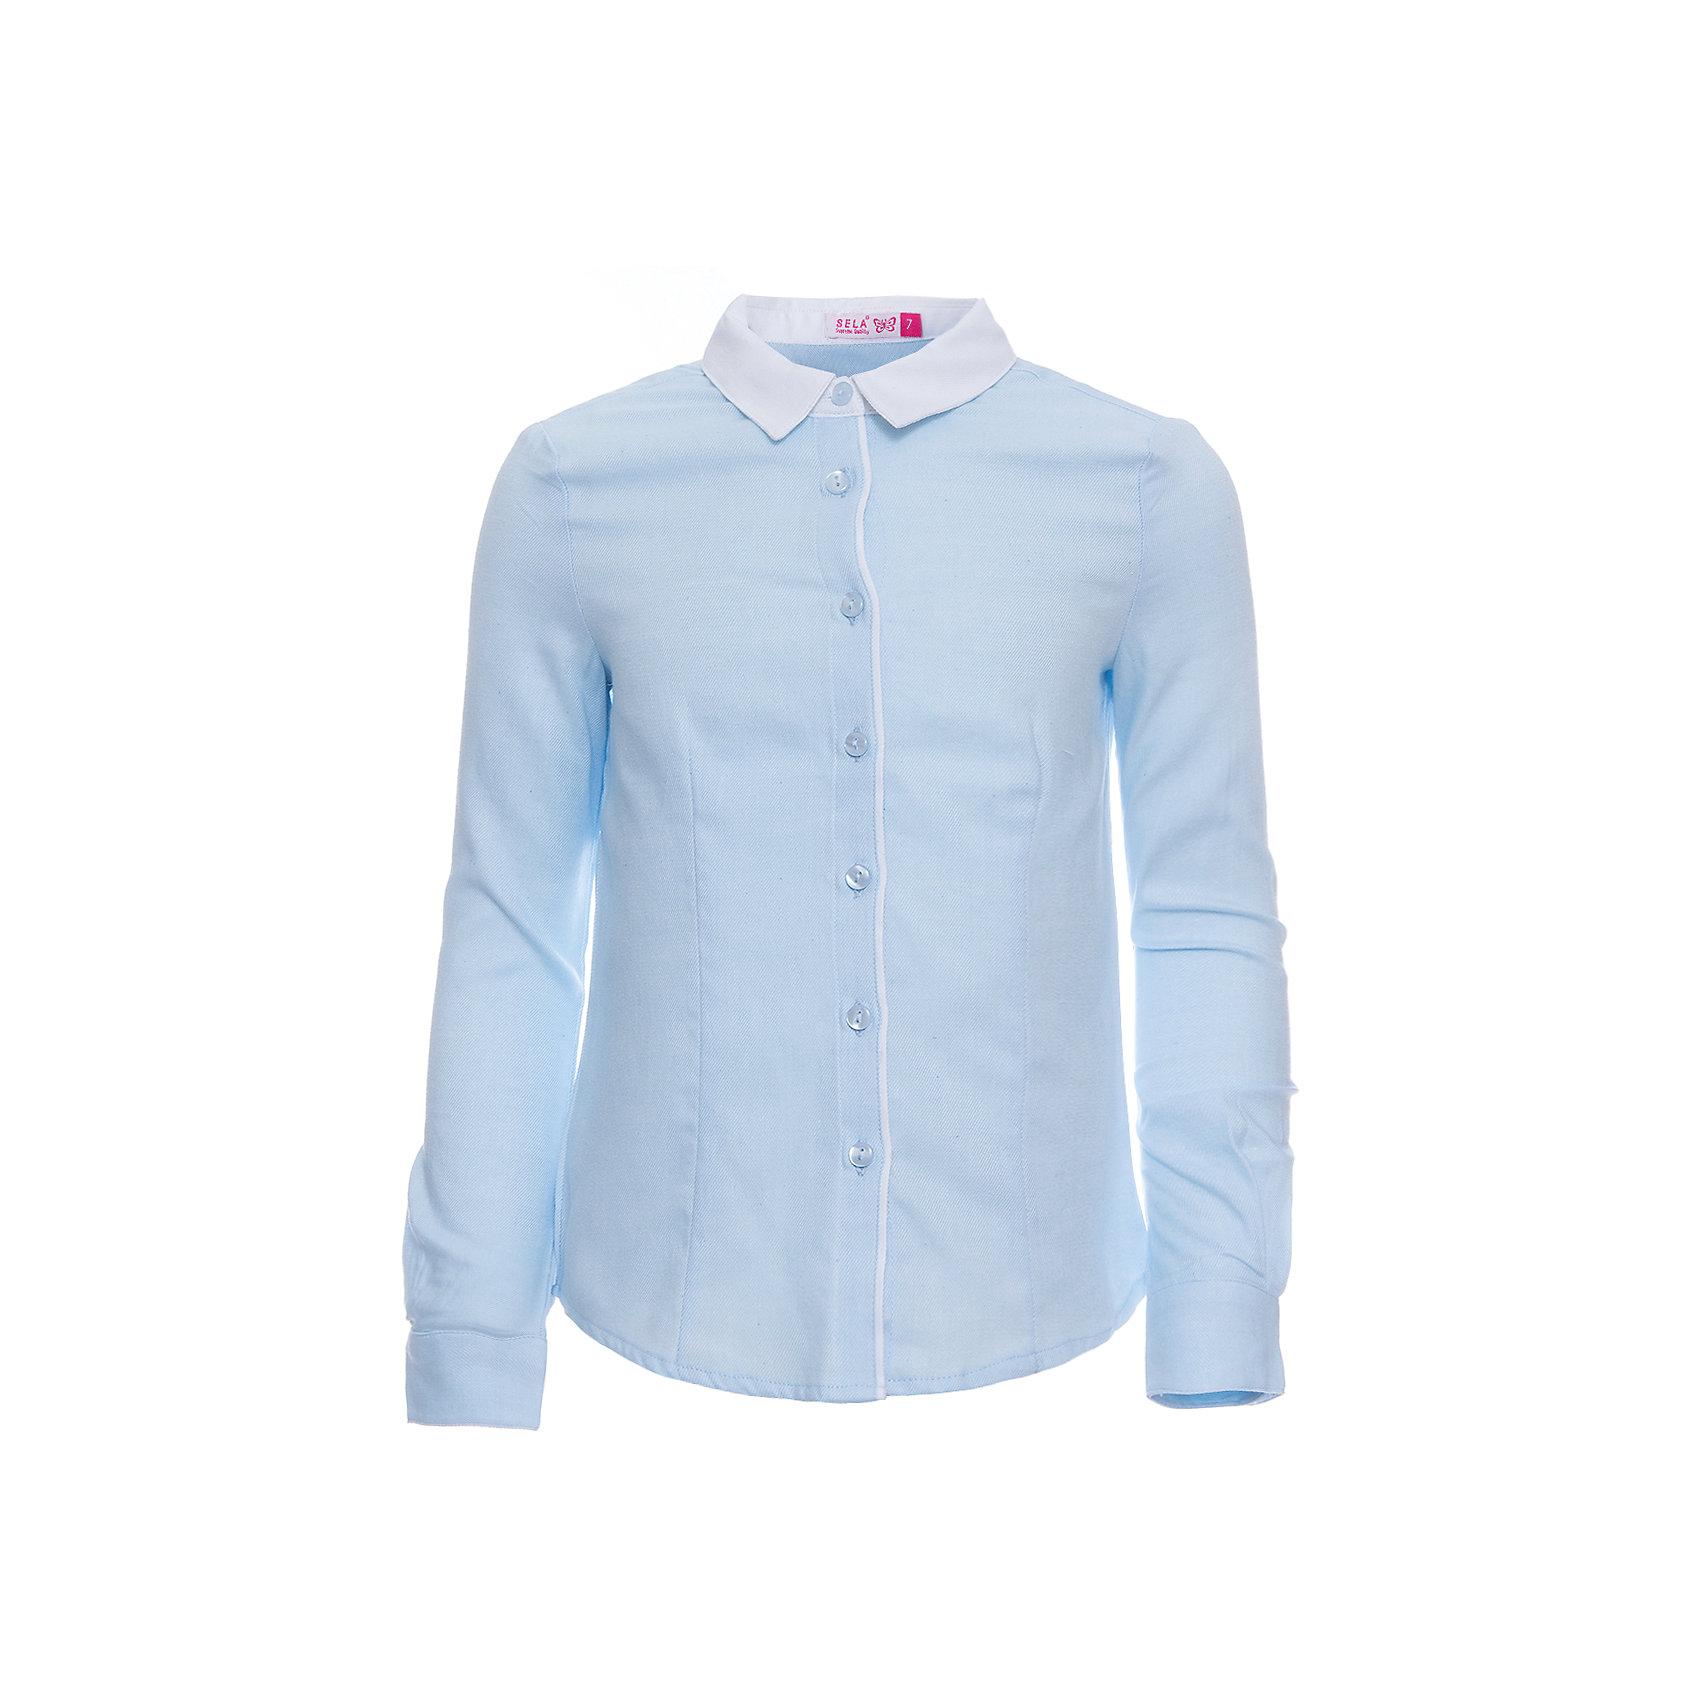 Блузка SELA для девочкиБлузки и рубашки<br>Характеристики товара:<br><br>• цвет: голубой;<br>• состав: 100% хлопок;<br>• сезон: демисезон;<br>• особенности: школьная;<br>• застежка: пуговицы<br>• манжеты на пуговице<br>• свободный крой;<br>• рукав: длинный;<br>• страна бренда: Россия;<br>• страна изготовитель: Китай.<br><br>Школьная блузка с длинным рукавом для девочки. Голубая блузка свободного кроя. Изготовлена из 100% хлопка. Застегивается на пуговицы. Манжеты блузки застегиваются на одну пуговицу.<br><br>Блузку Sela (Села) для девочки можно купить в нашем интернет-магазине.<br><br>Ширина мм: 186<br>Глубина мм: 87<br>Высота мм: 198<br>Вес г: 197<br>Цвет: лиловый<br>Возраст от месяцев: 72<br>Возраст до месяцев: 84<br>Пол: Женский<br>Возраст: Детский<br>Размер: 122,164,128,134,140,146,152<br>SKU: 7009447